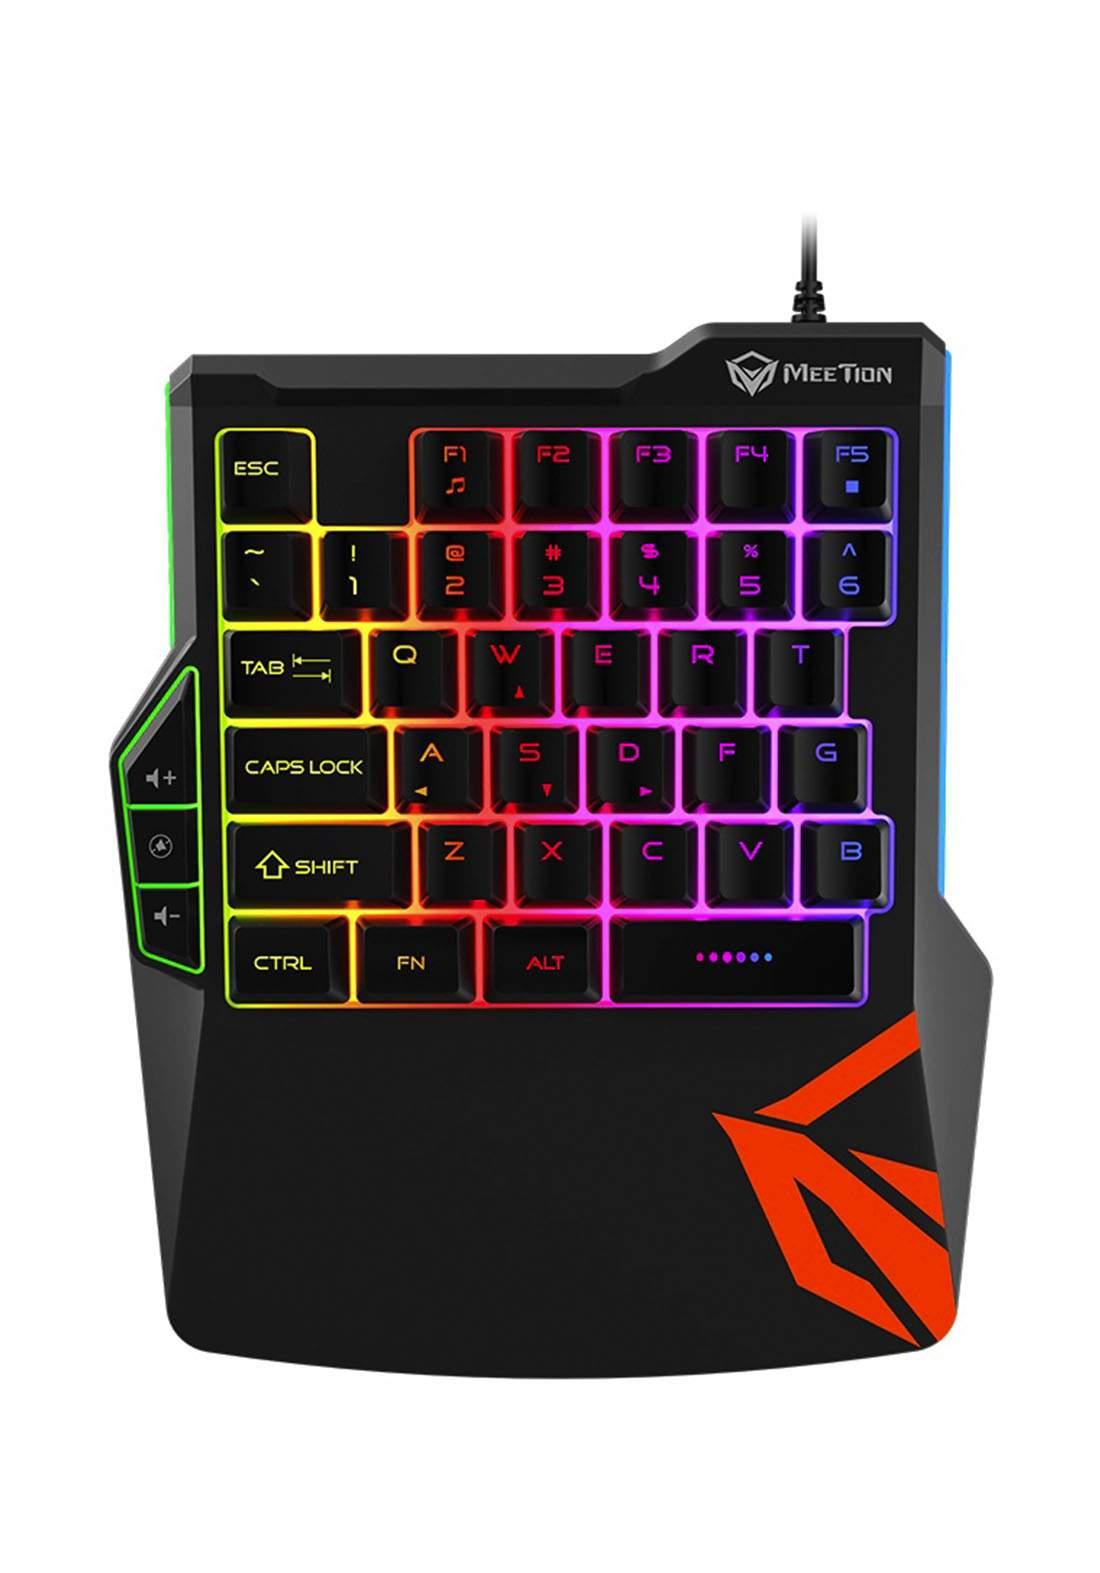 Meetion KB015 Wired Gaming Keyboard - Black كيبورد